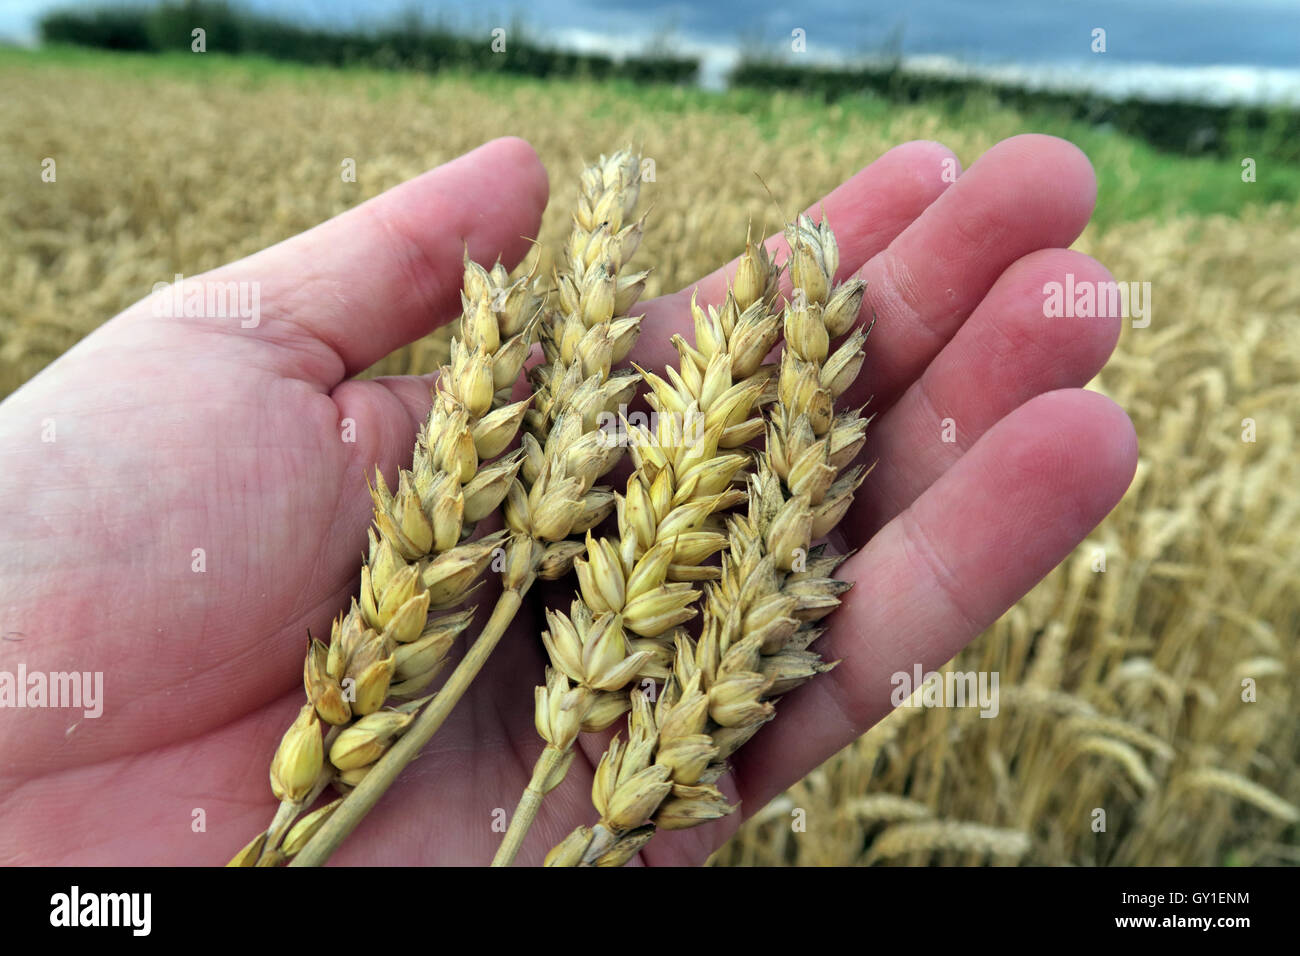 Laden Sie dieses Alamy Stockfoto Gerste halten in der Hand, aus einem Feld im Sommer, Cheshire, England, UK - GY1ENM